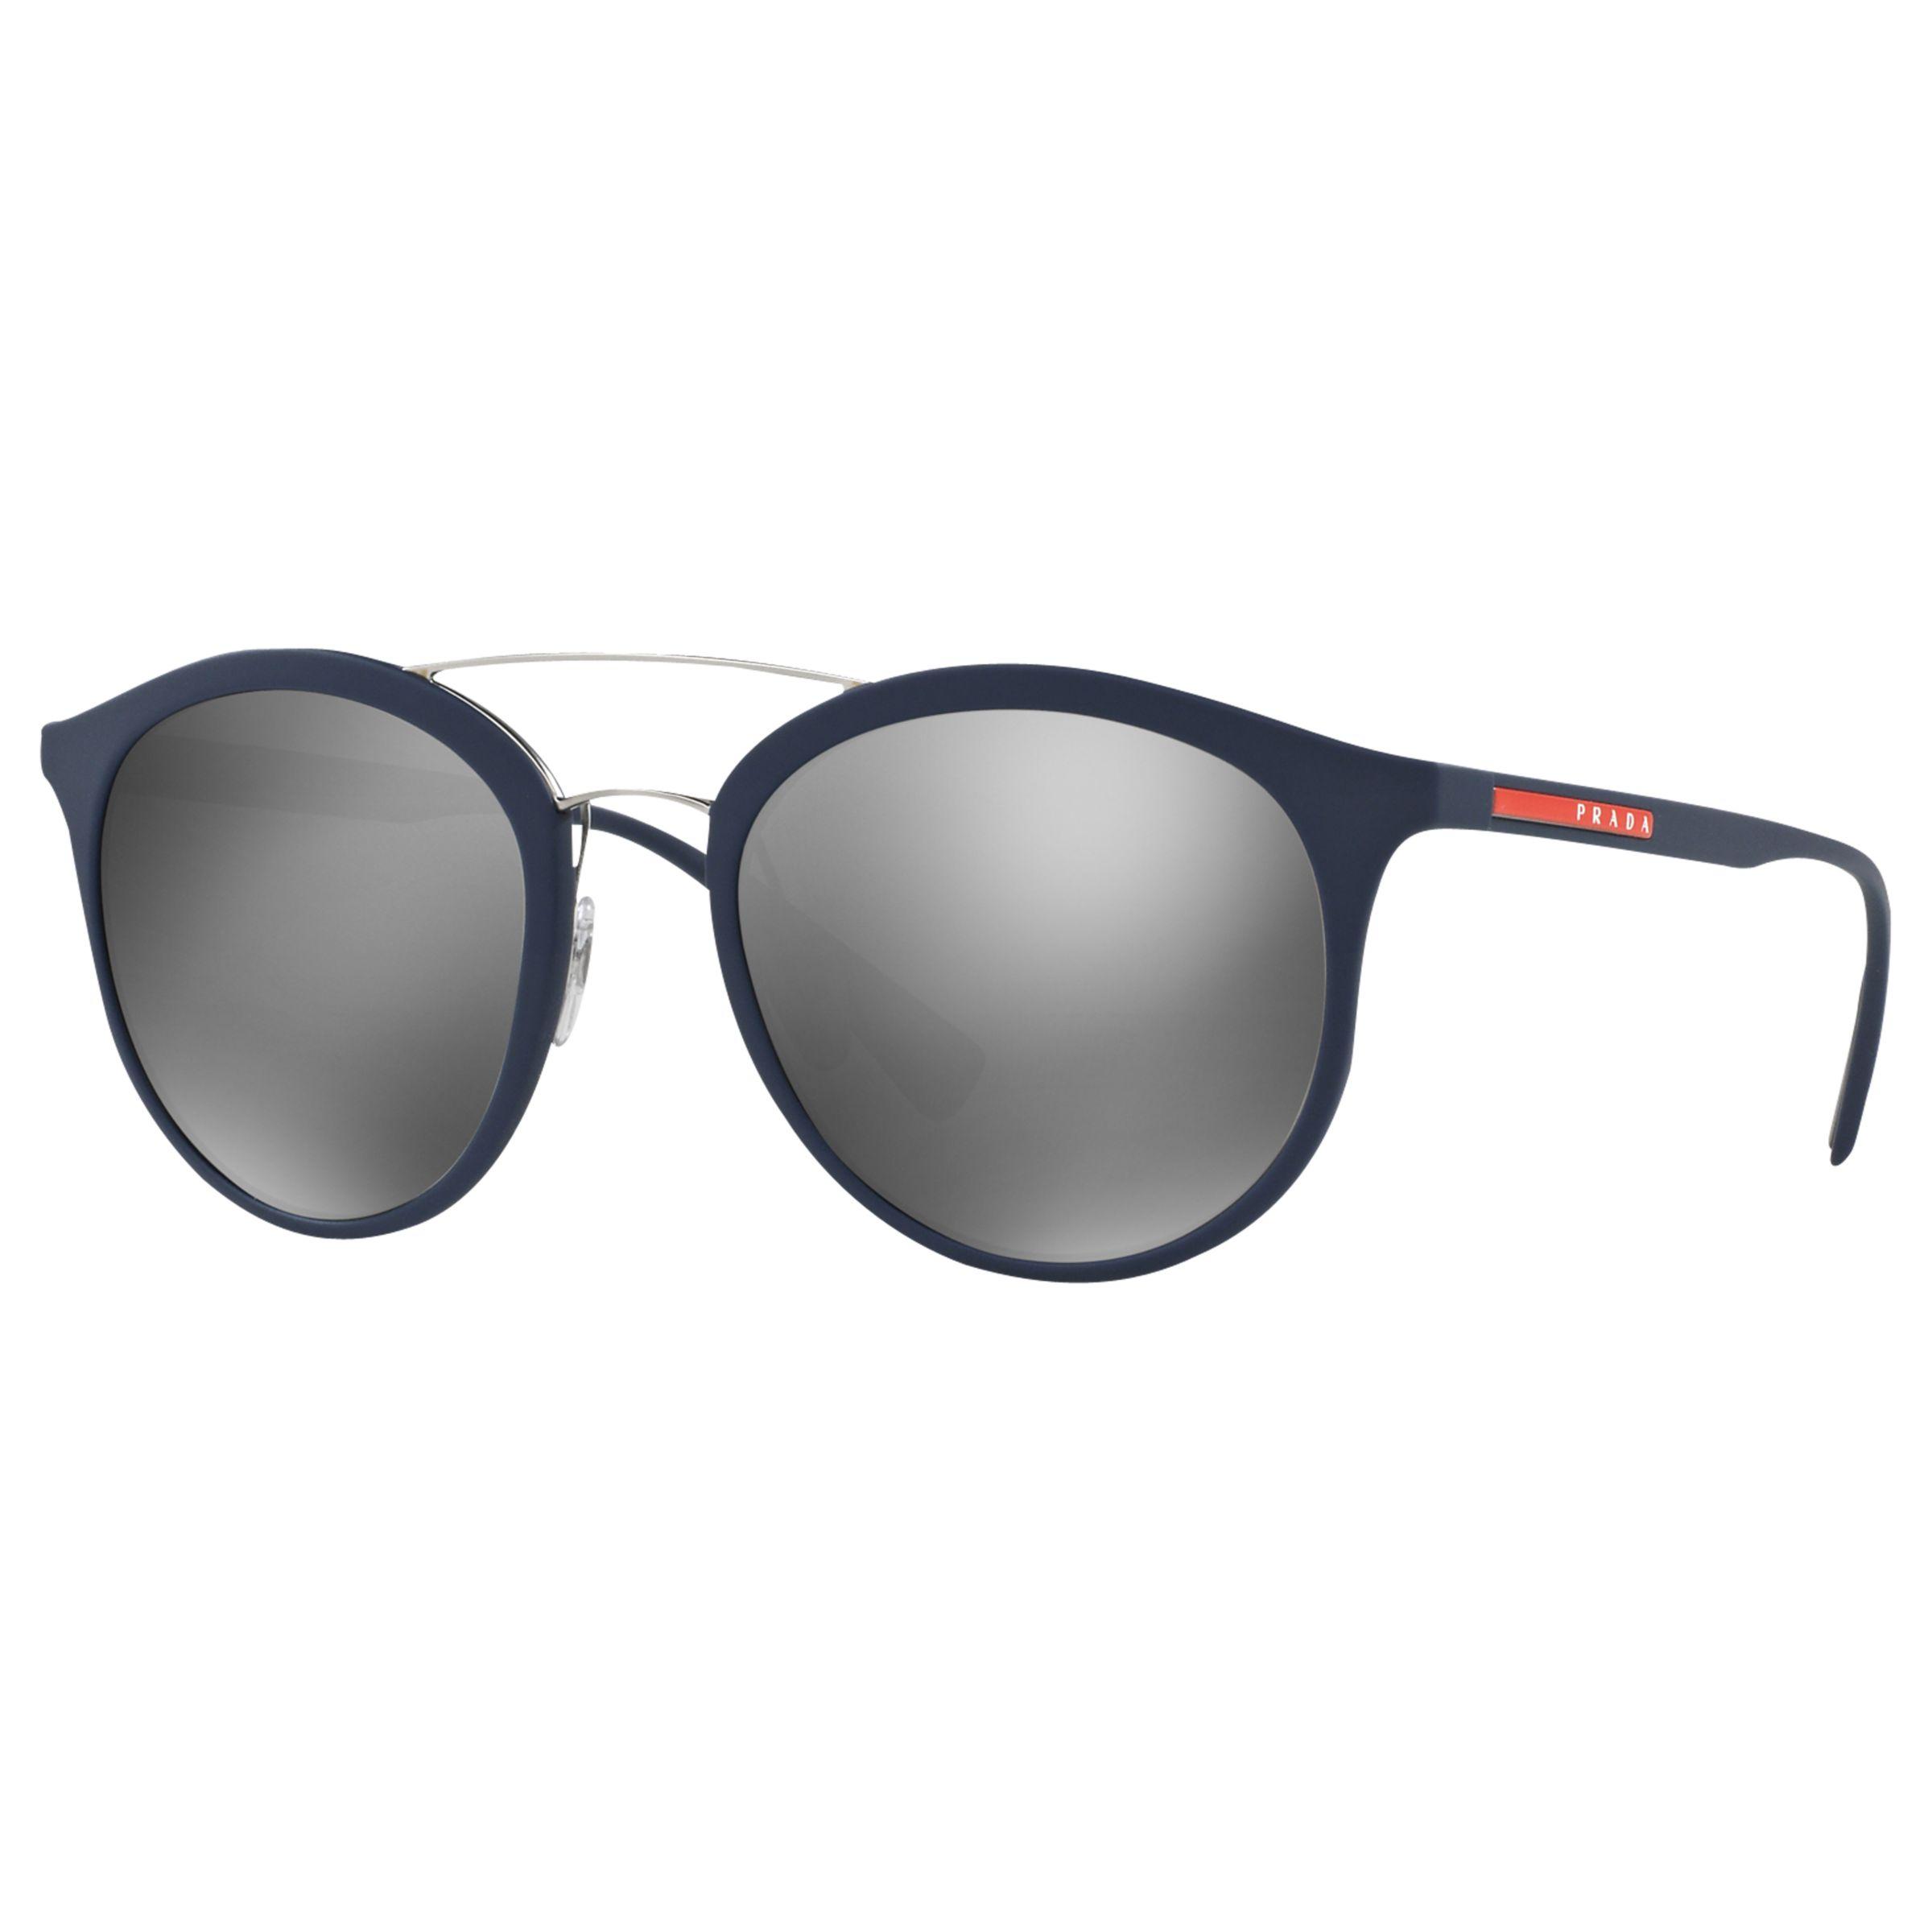 Prada Linea Rossa Prada Linea Rossa PS 04RS Oval Sunglasses, Navy/Silver